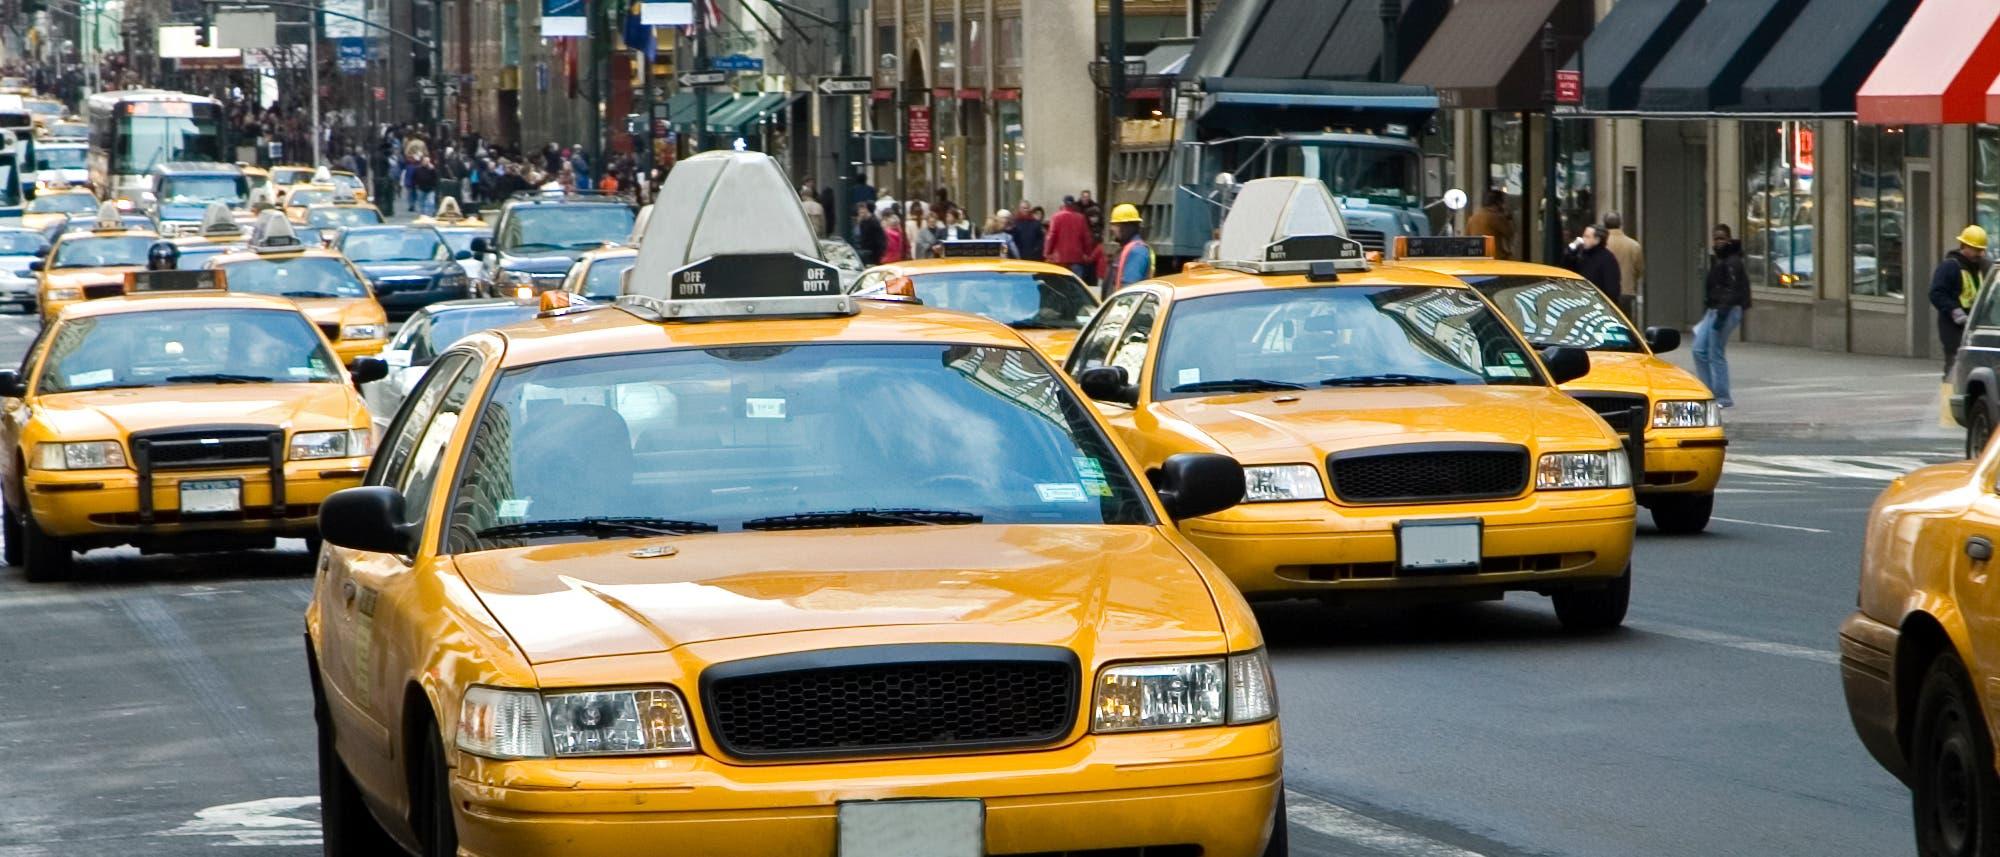 Typische New Yorker Taxis